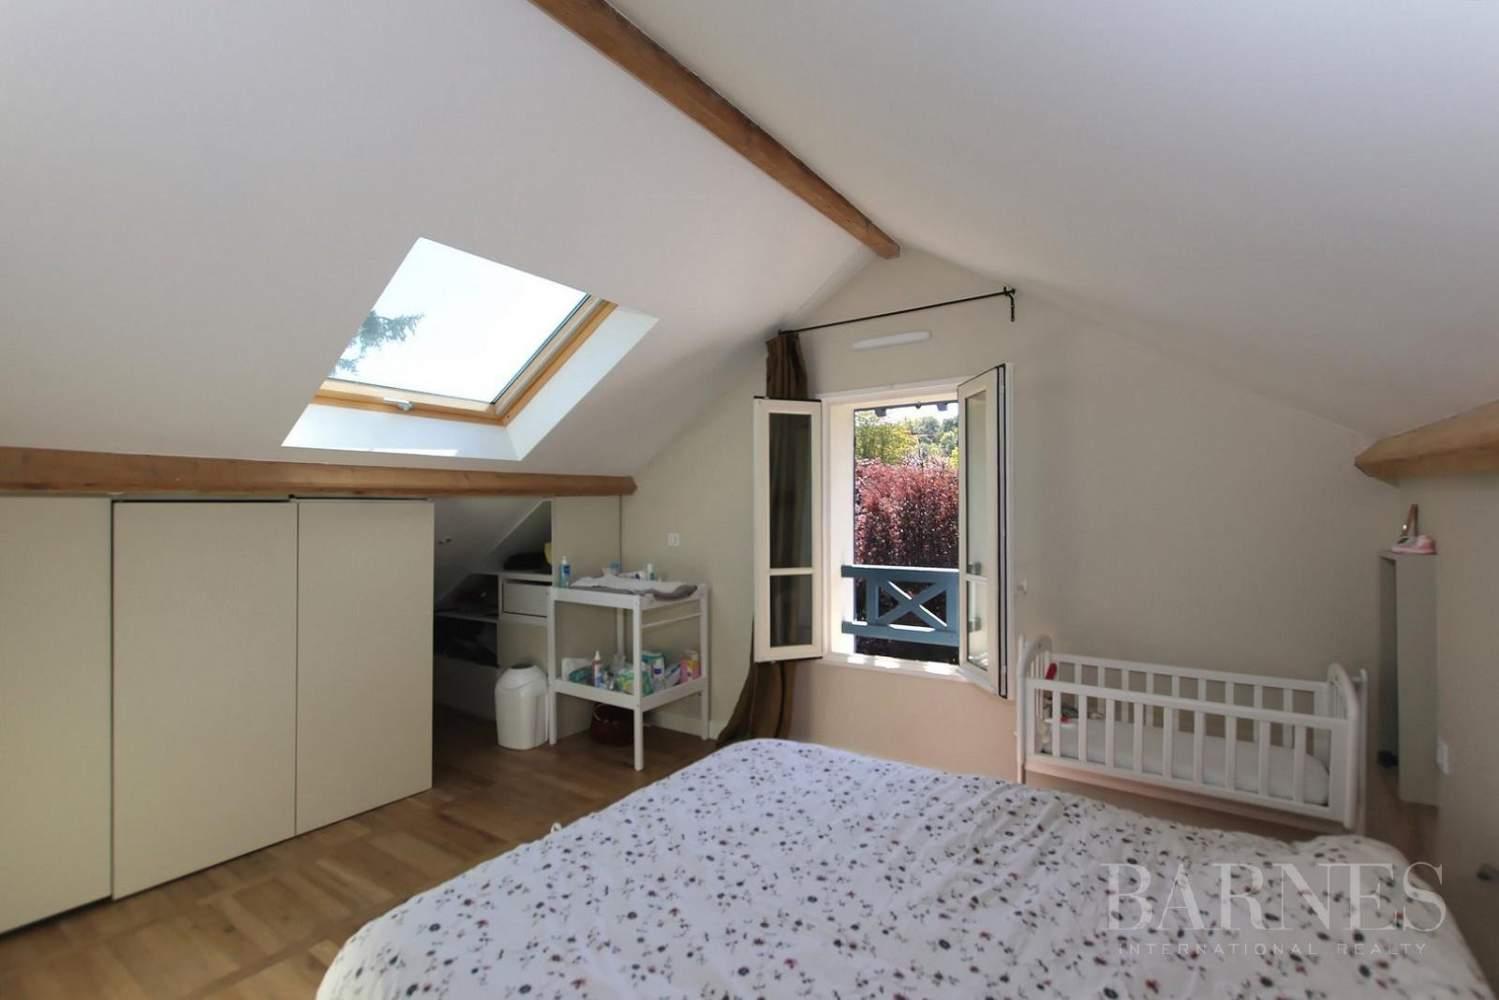 HOUSE FOR SALE - ILE DE MIGNEAUX - POISSY - 4 BEDROOMS - POOL picture 13